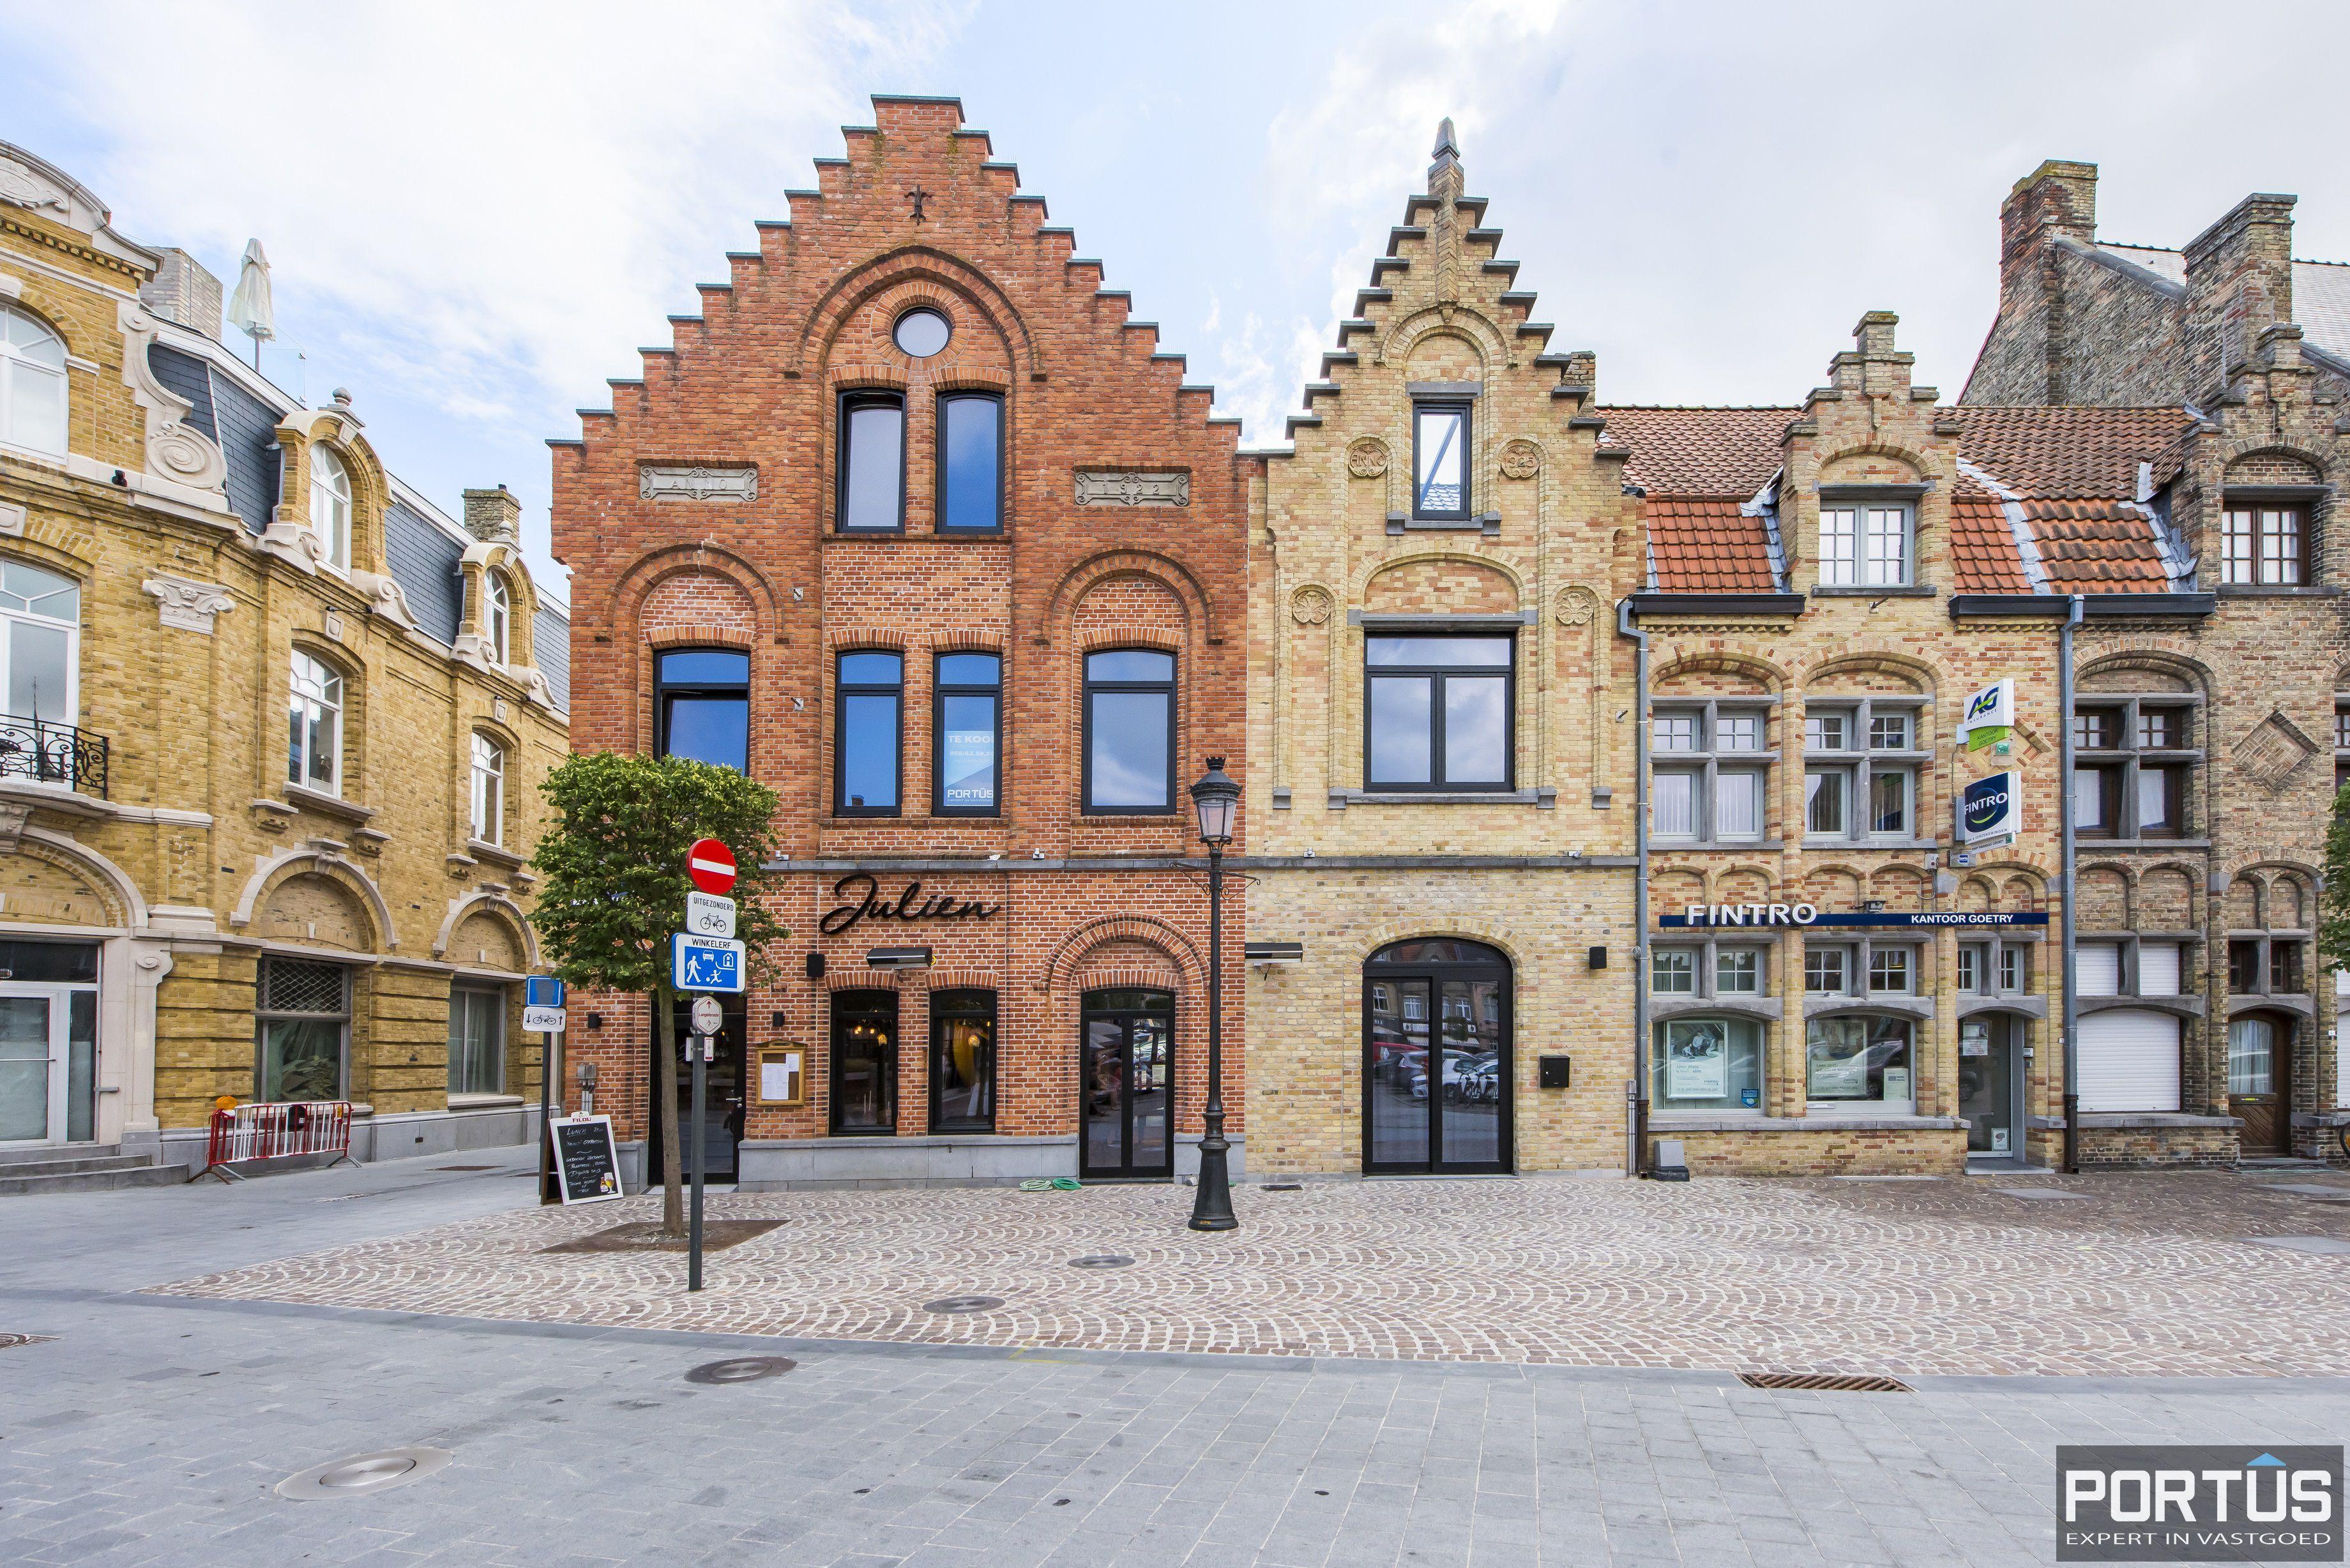 Appartement 3 slaapkamers te koop Marktplein Nieuwpoort - 9928